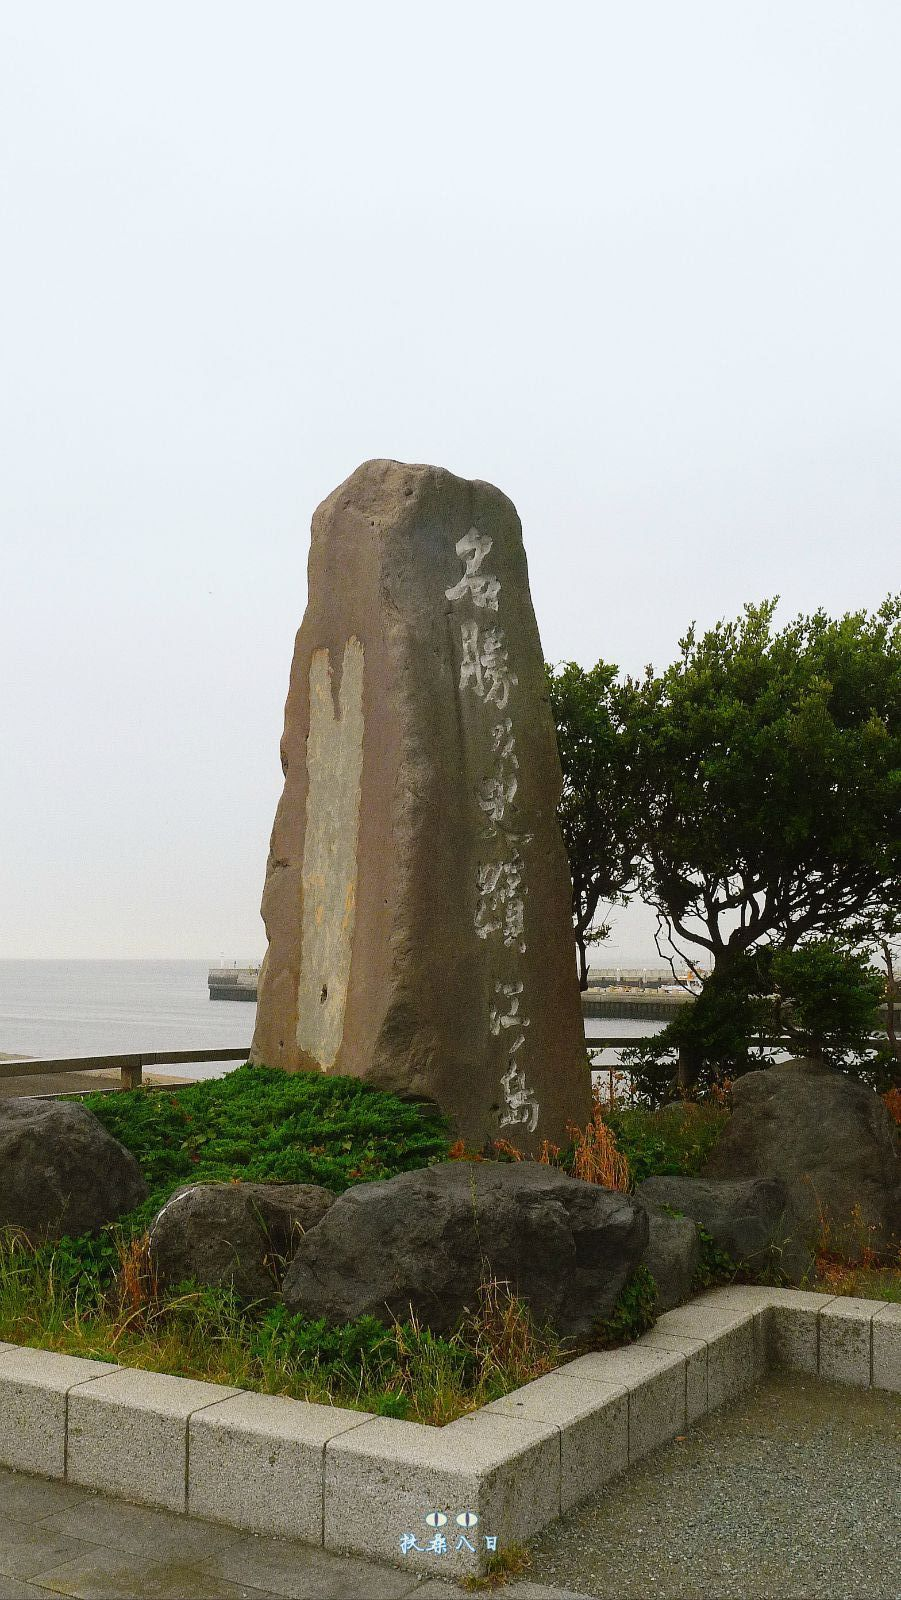 从地理上说片濑江之岛站离江之岛比较近